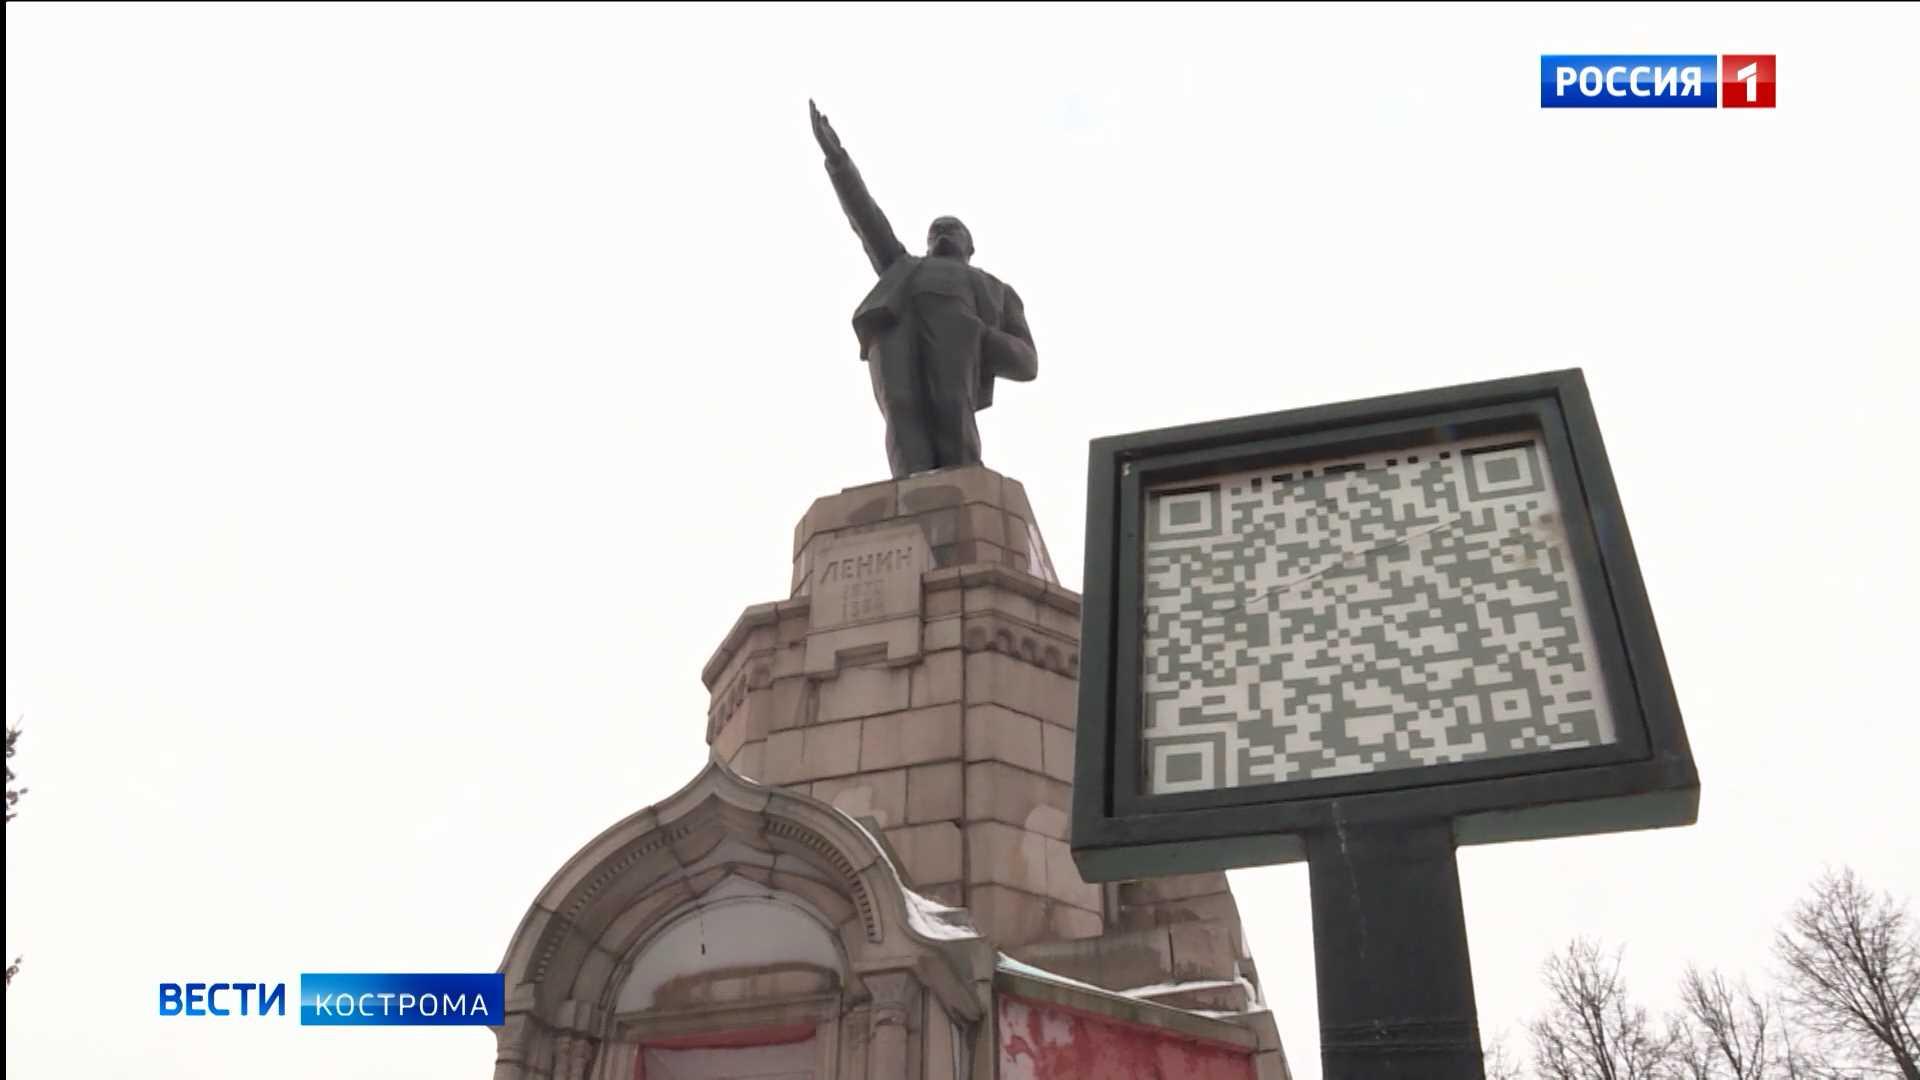 Достопримечательности Костромы закодируют по-новому